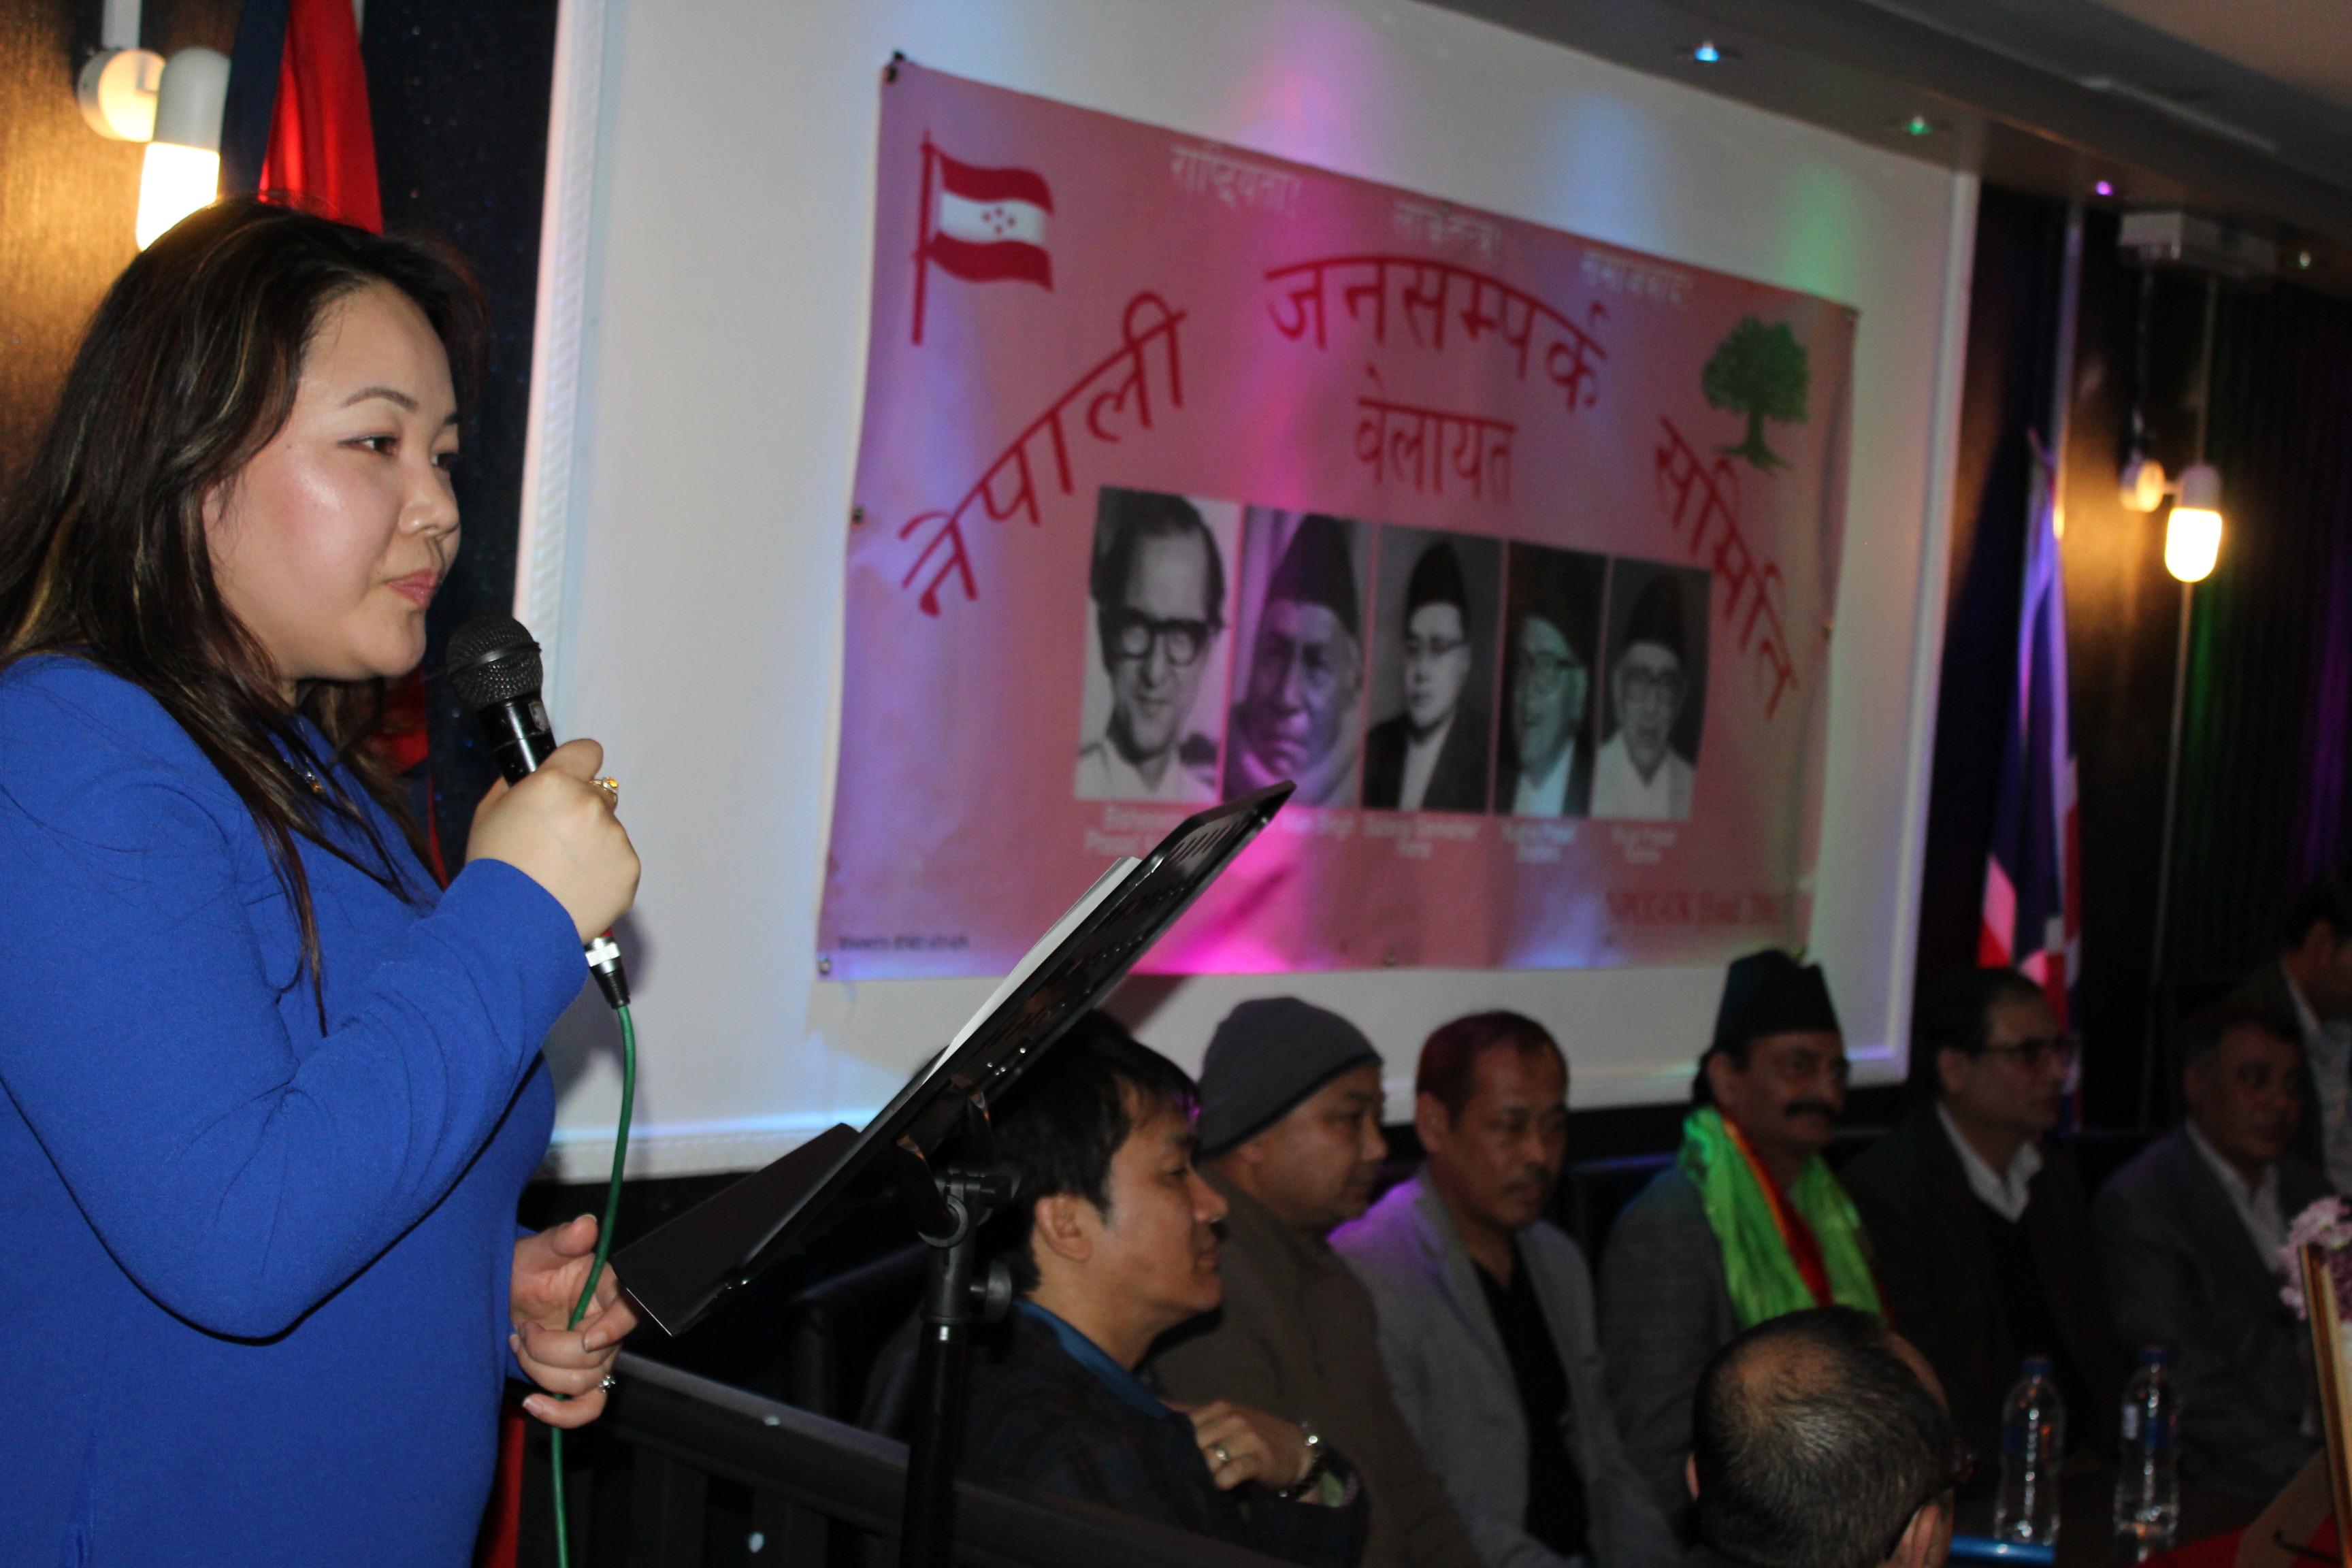 बेलायतमा स्व. कोइरालाको सातौंं स्मृति सभा सम्पन्नः अबको दश बर्षमा नेपालीले राजगारीका लागि विदेश जानु पर्दैनः उद्योग मन्त्री जोशी